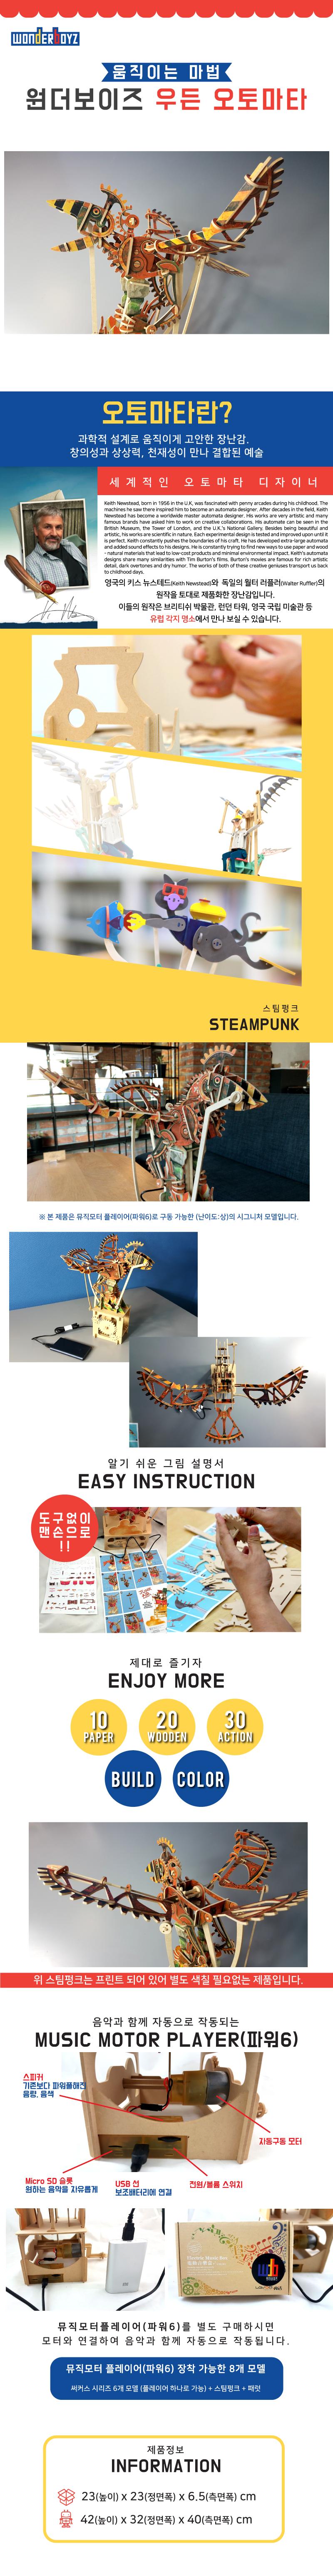 스팀펑크 - 원더보이즈, 65,800원, 우드 토이, DIY세트